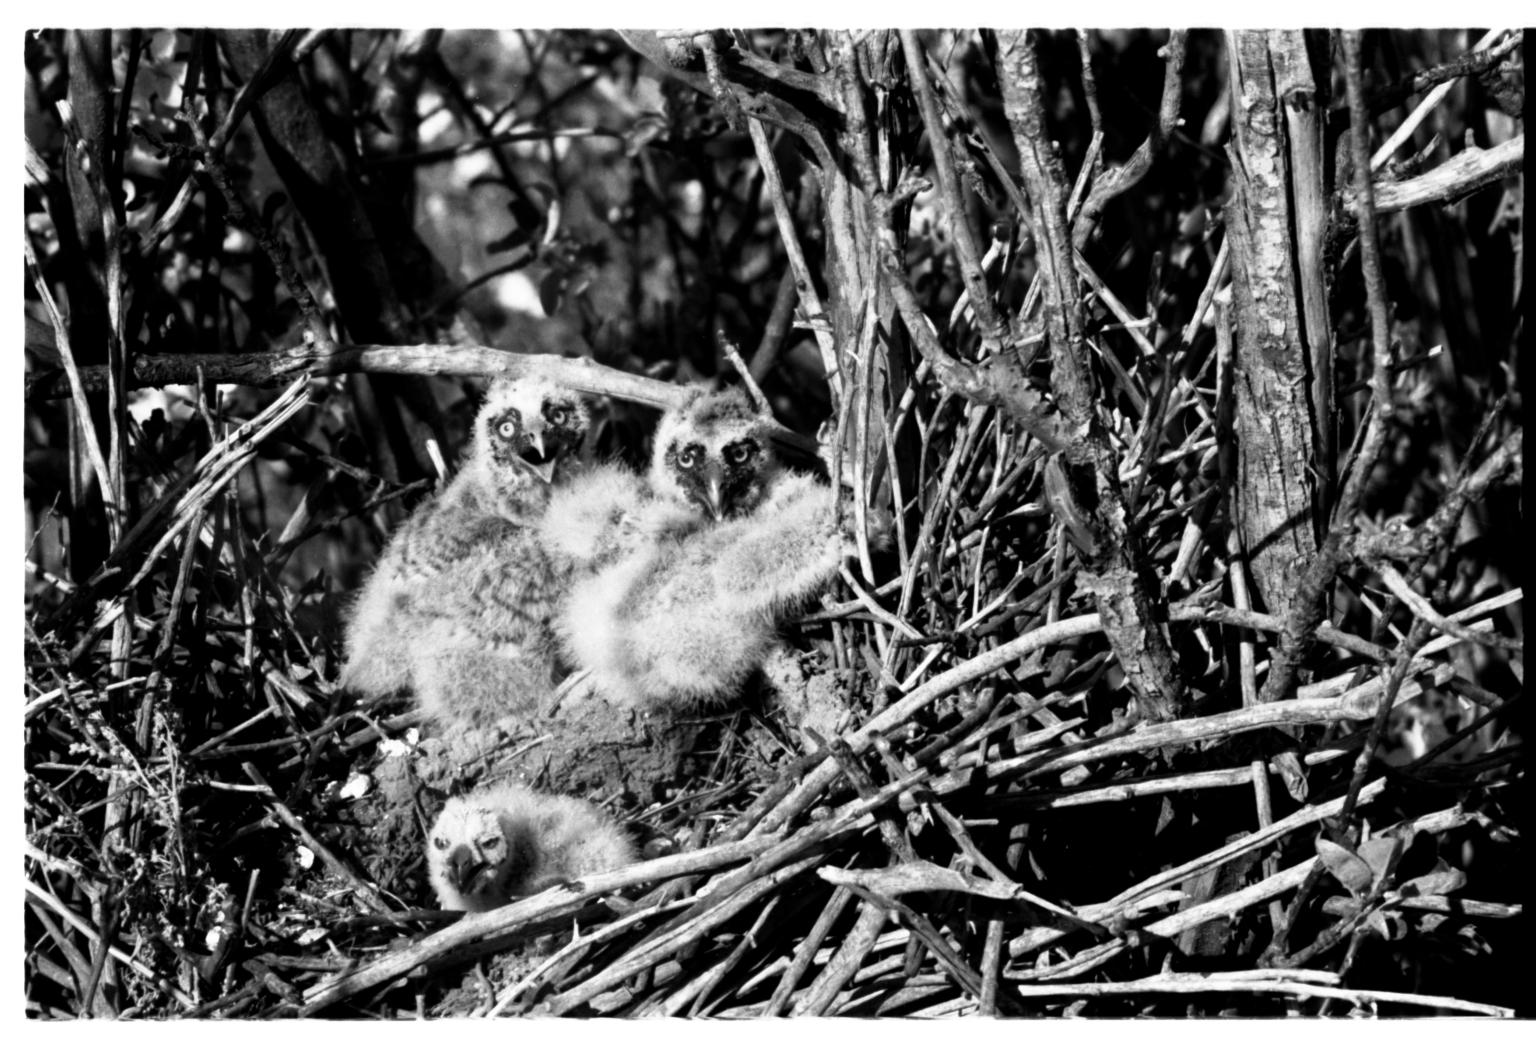 Owl Nest and Nestlings